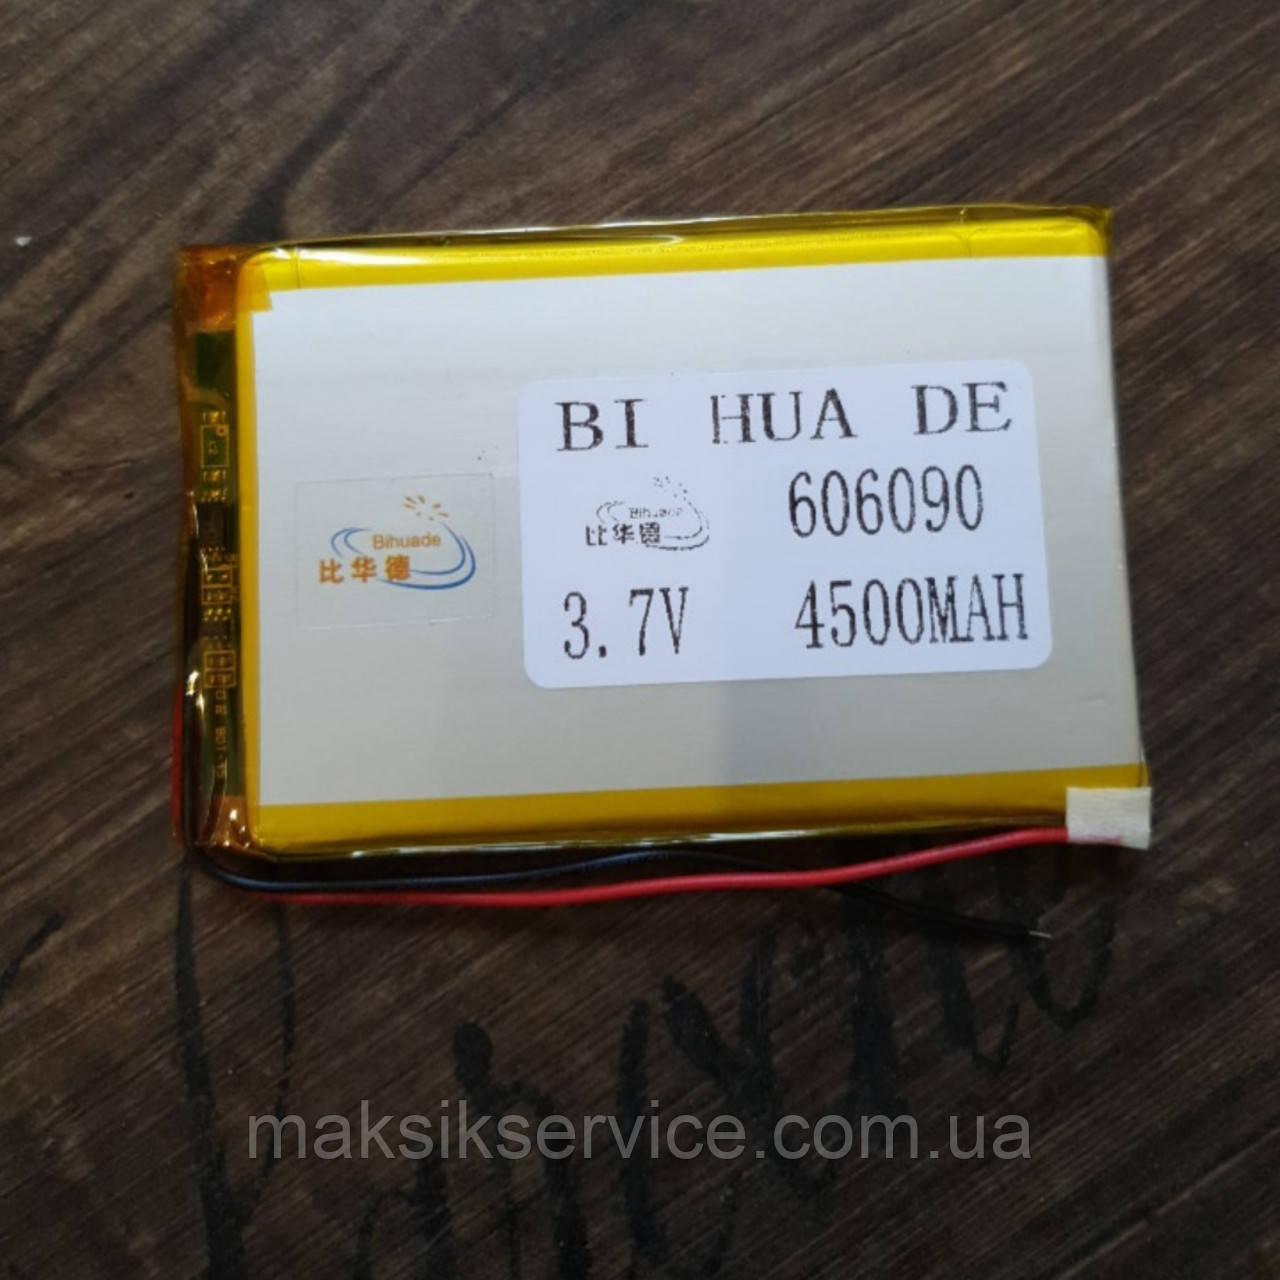 Аккумулятор 4500mAh 3.7v 606090 для MP3 плееров, гарнитур, видеорегистраторов